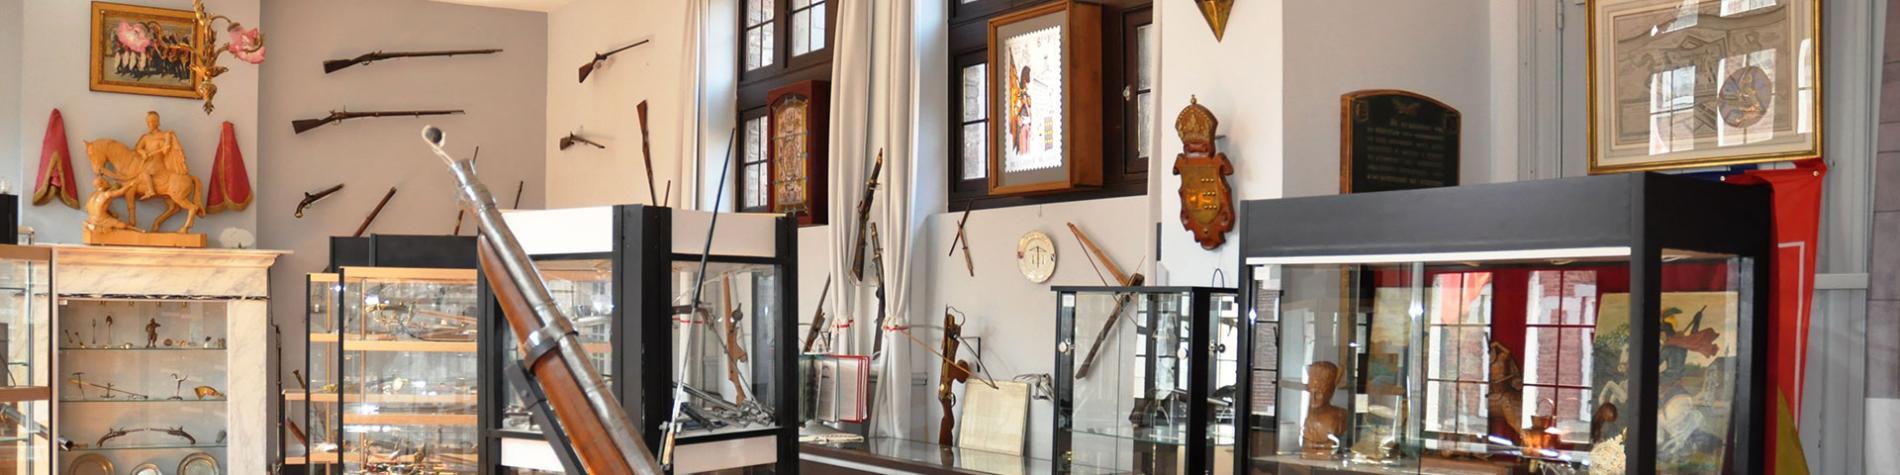 Musée - Compagnie Royale - Anciens Arquebusiers - Visé